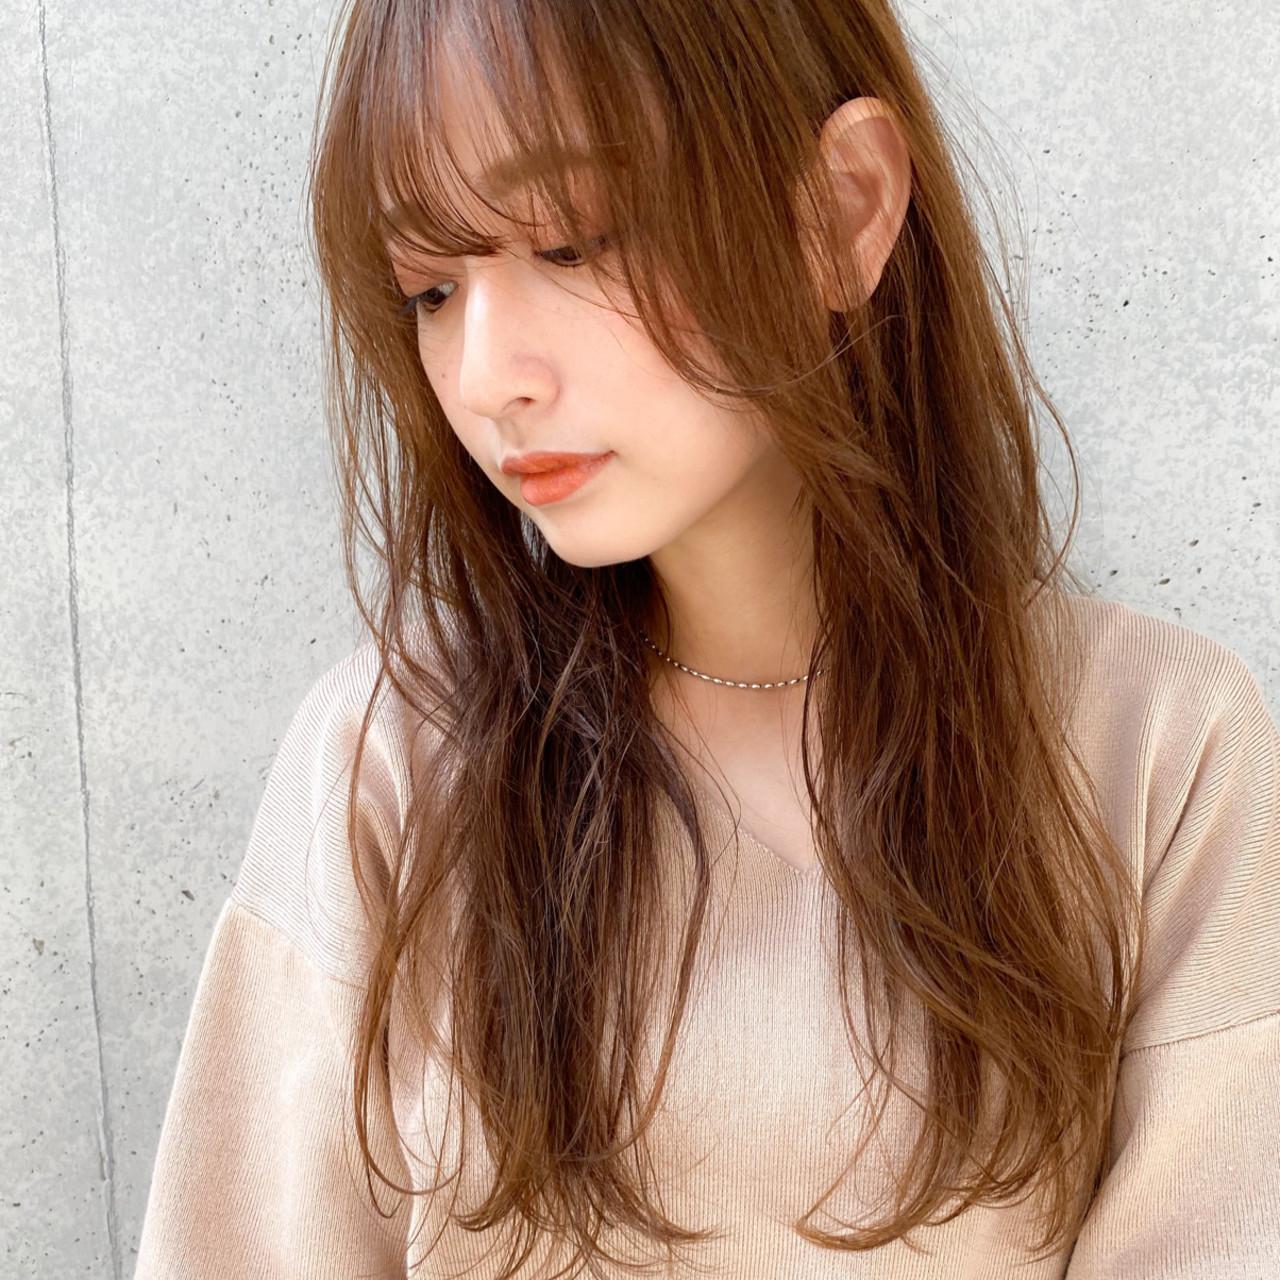 透明感カラー ロング レイヤーカット 毛先パーマ ヘアスタイルや髪型の写真・画像